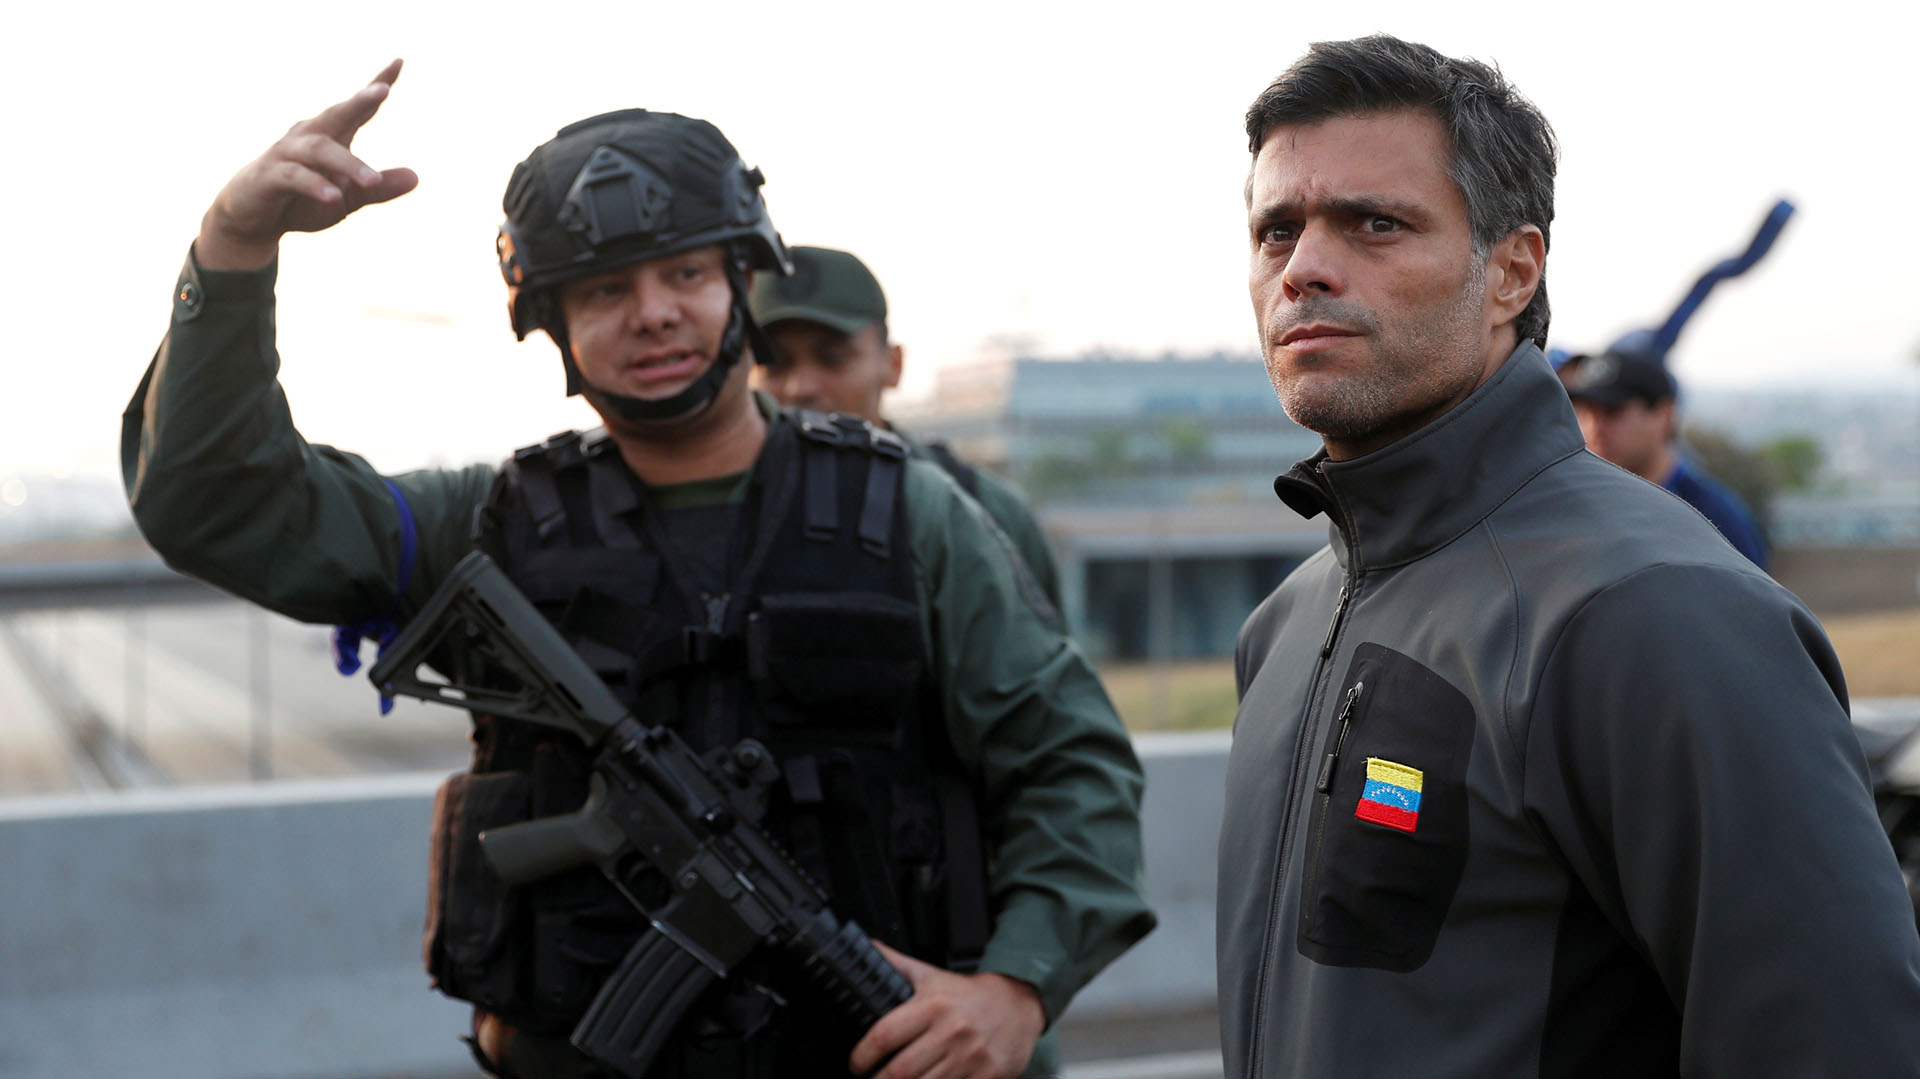 Leopoldo Lopez encabeza el levantamiento militar junto al presidente interino Juan Guaidó. REUTERS/Carlos Garcia Rawlins